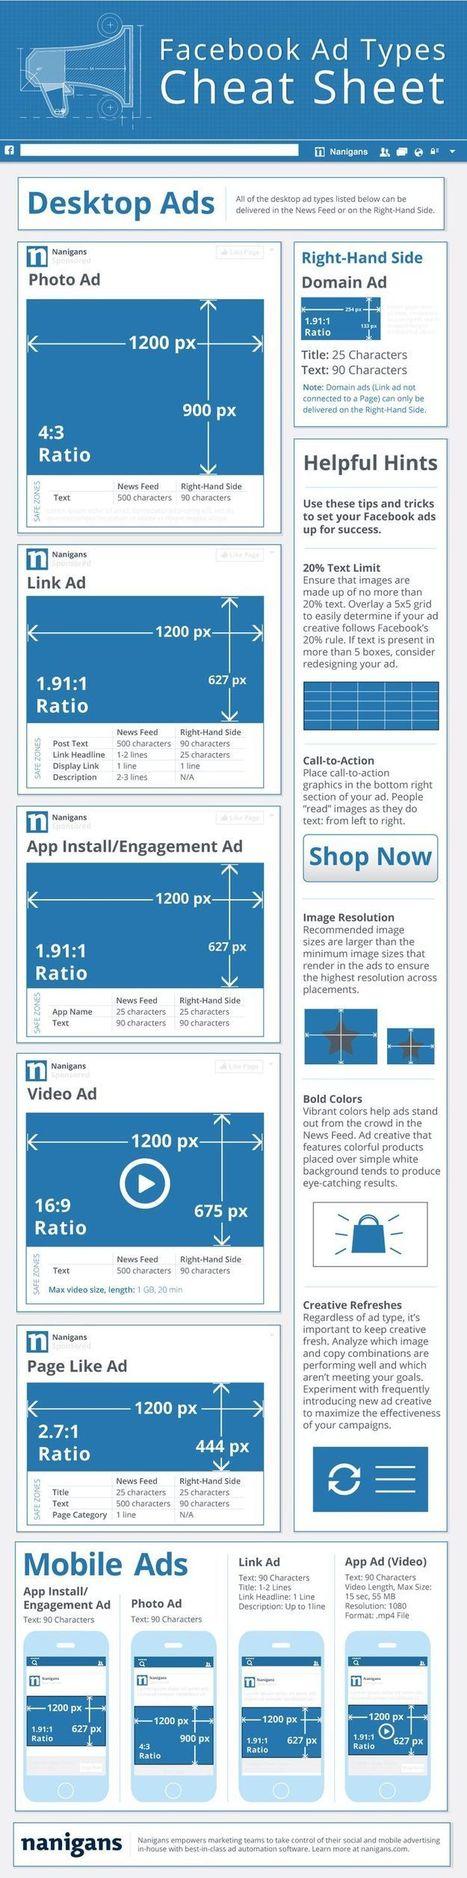 Facebook Ads: nuevas características y medidas | infografias - infographics | Scoop.it